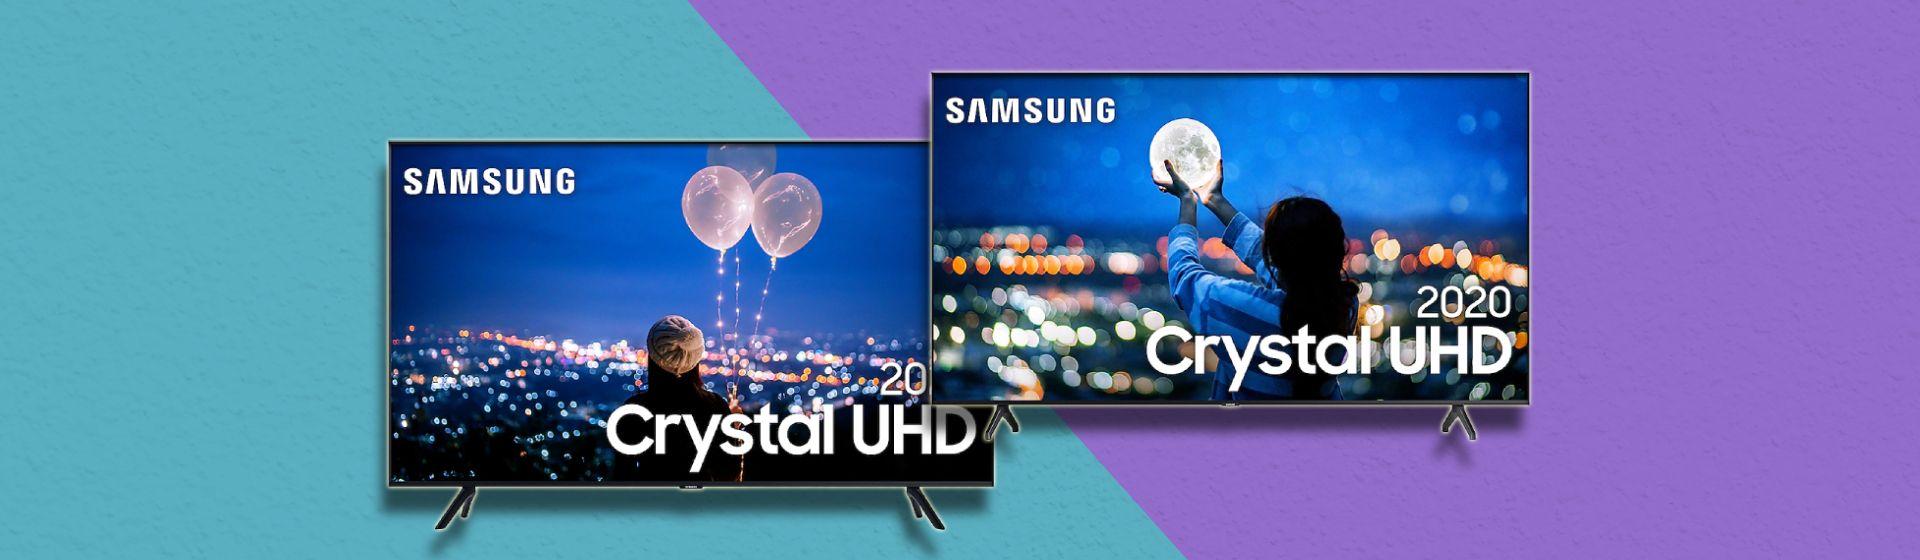 TV Samsung TU8000 vs TU7000: quais as diferenças entre esses dois modelos 2020?